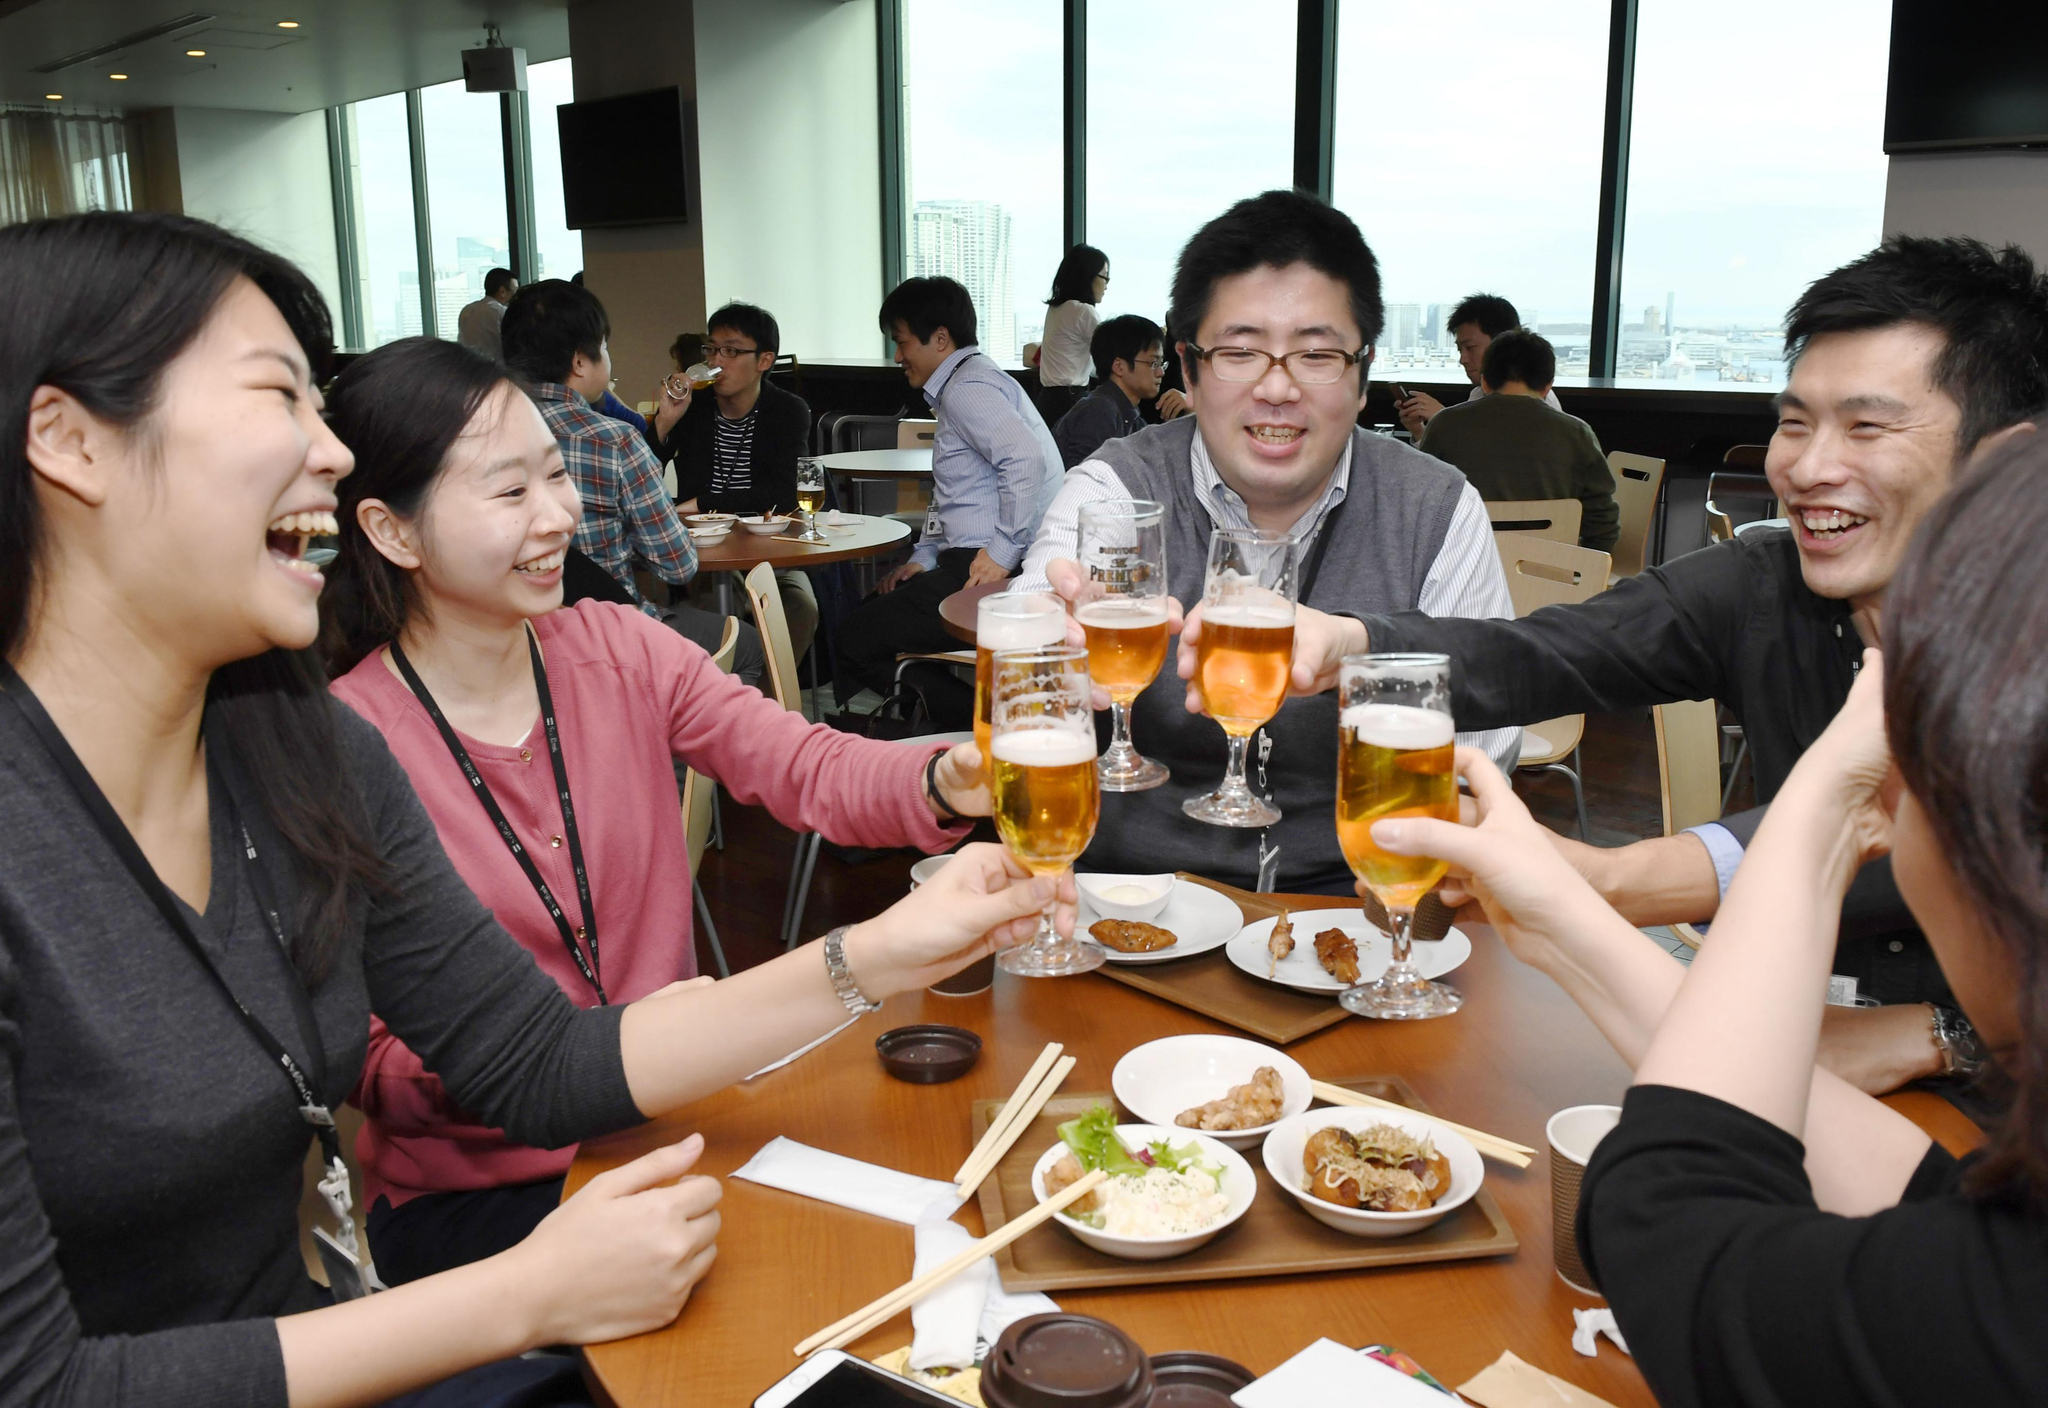 업무를 마치고 도쿄도 미나토구 사원식당에서 건배하는 일본 한 회사의 사원들. [연합뉴스]